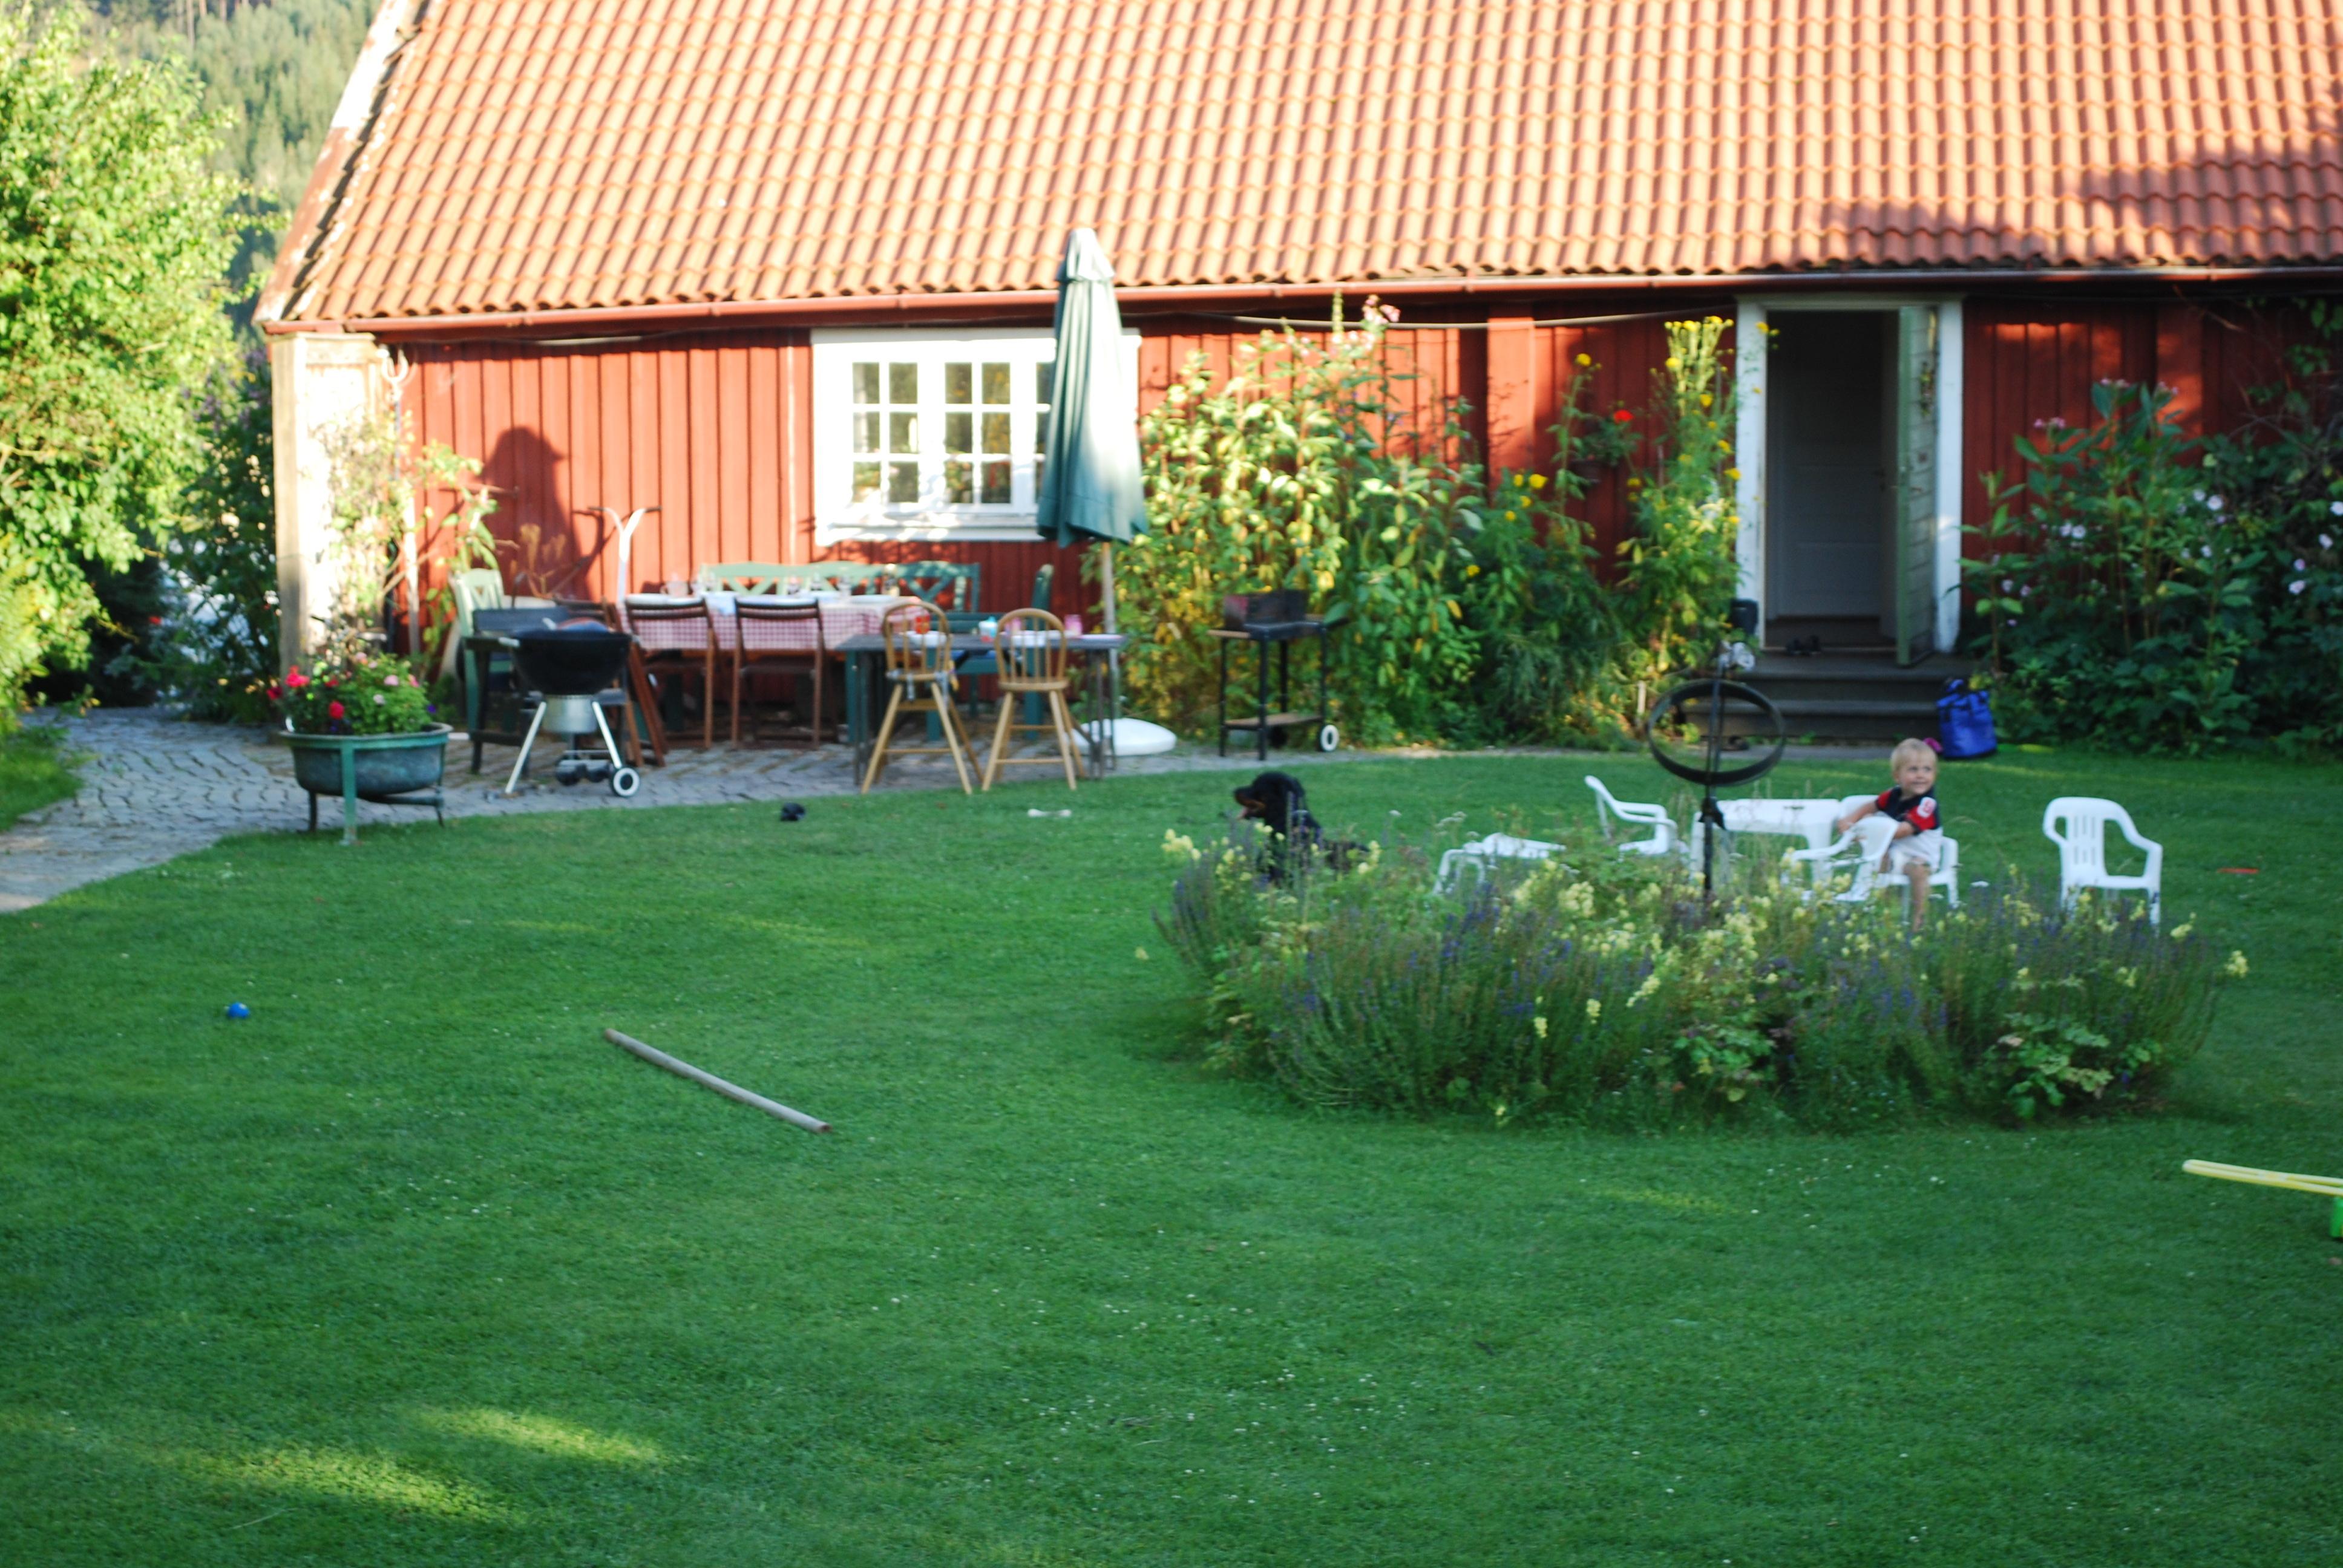 """Stuga sverige, södermanland, 61190 nyköping: """"Ålberga norra flygeln"""""""